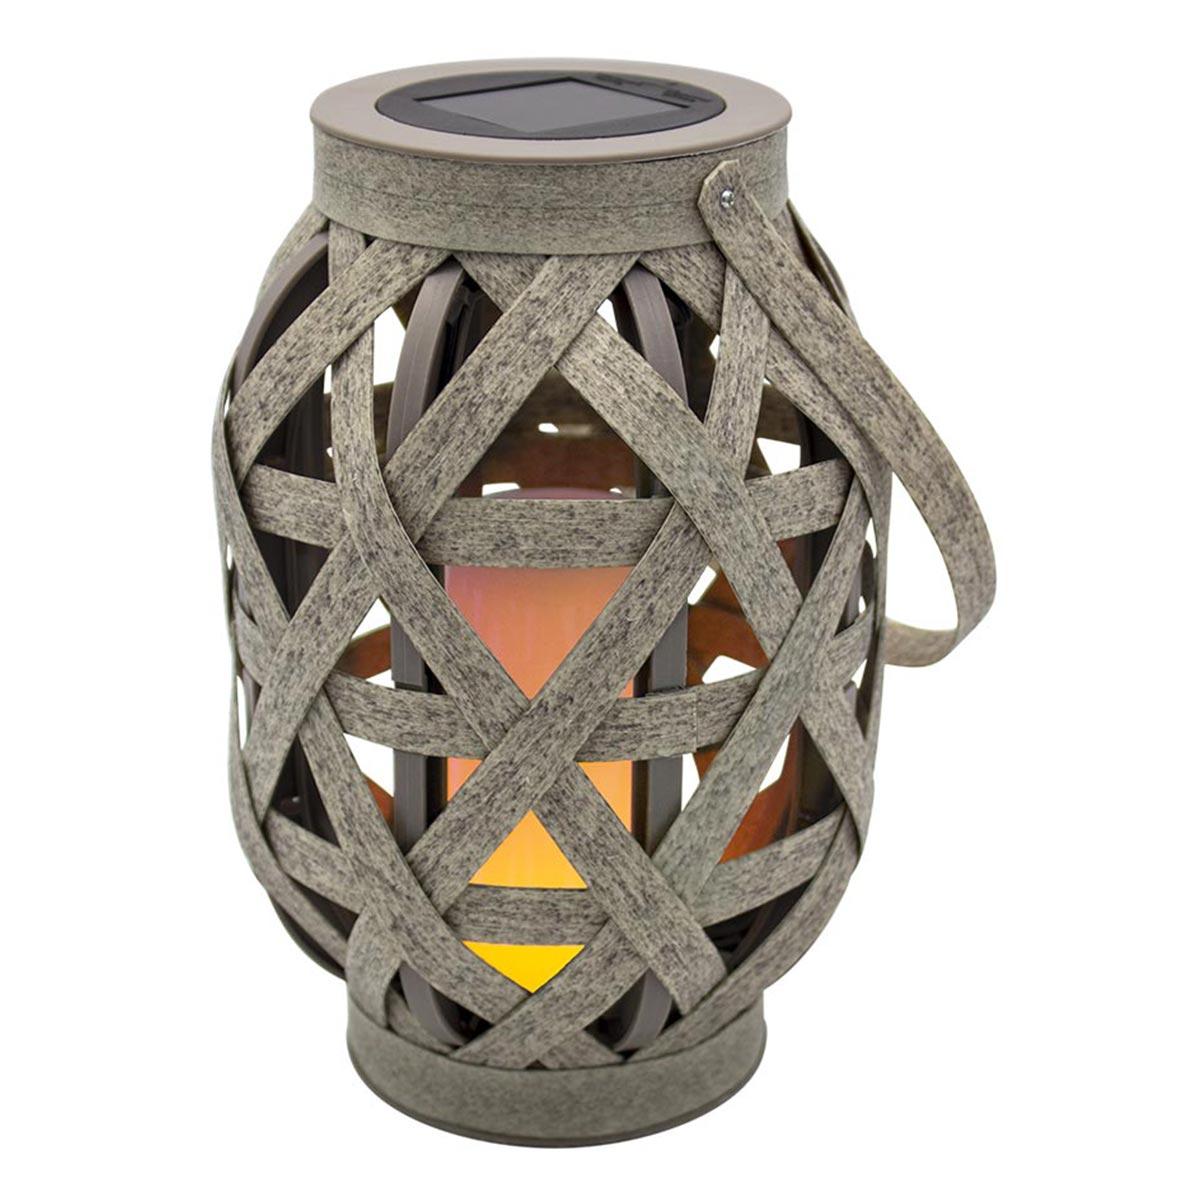 CROSS-Lanterne solaire plastique marron H41cm